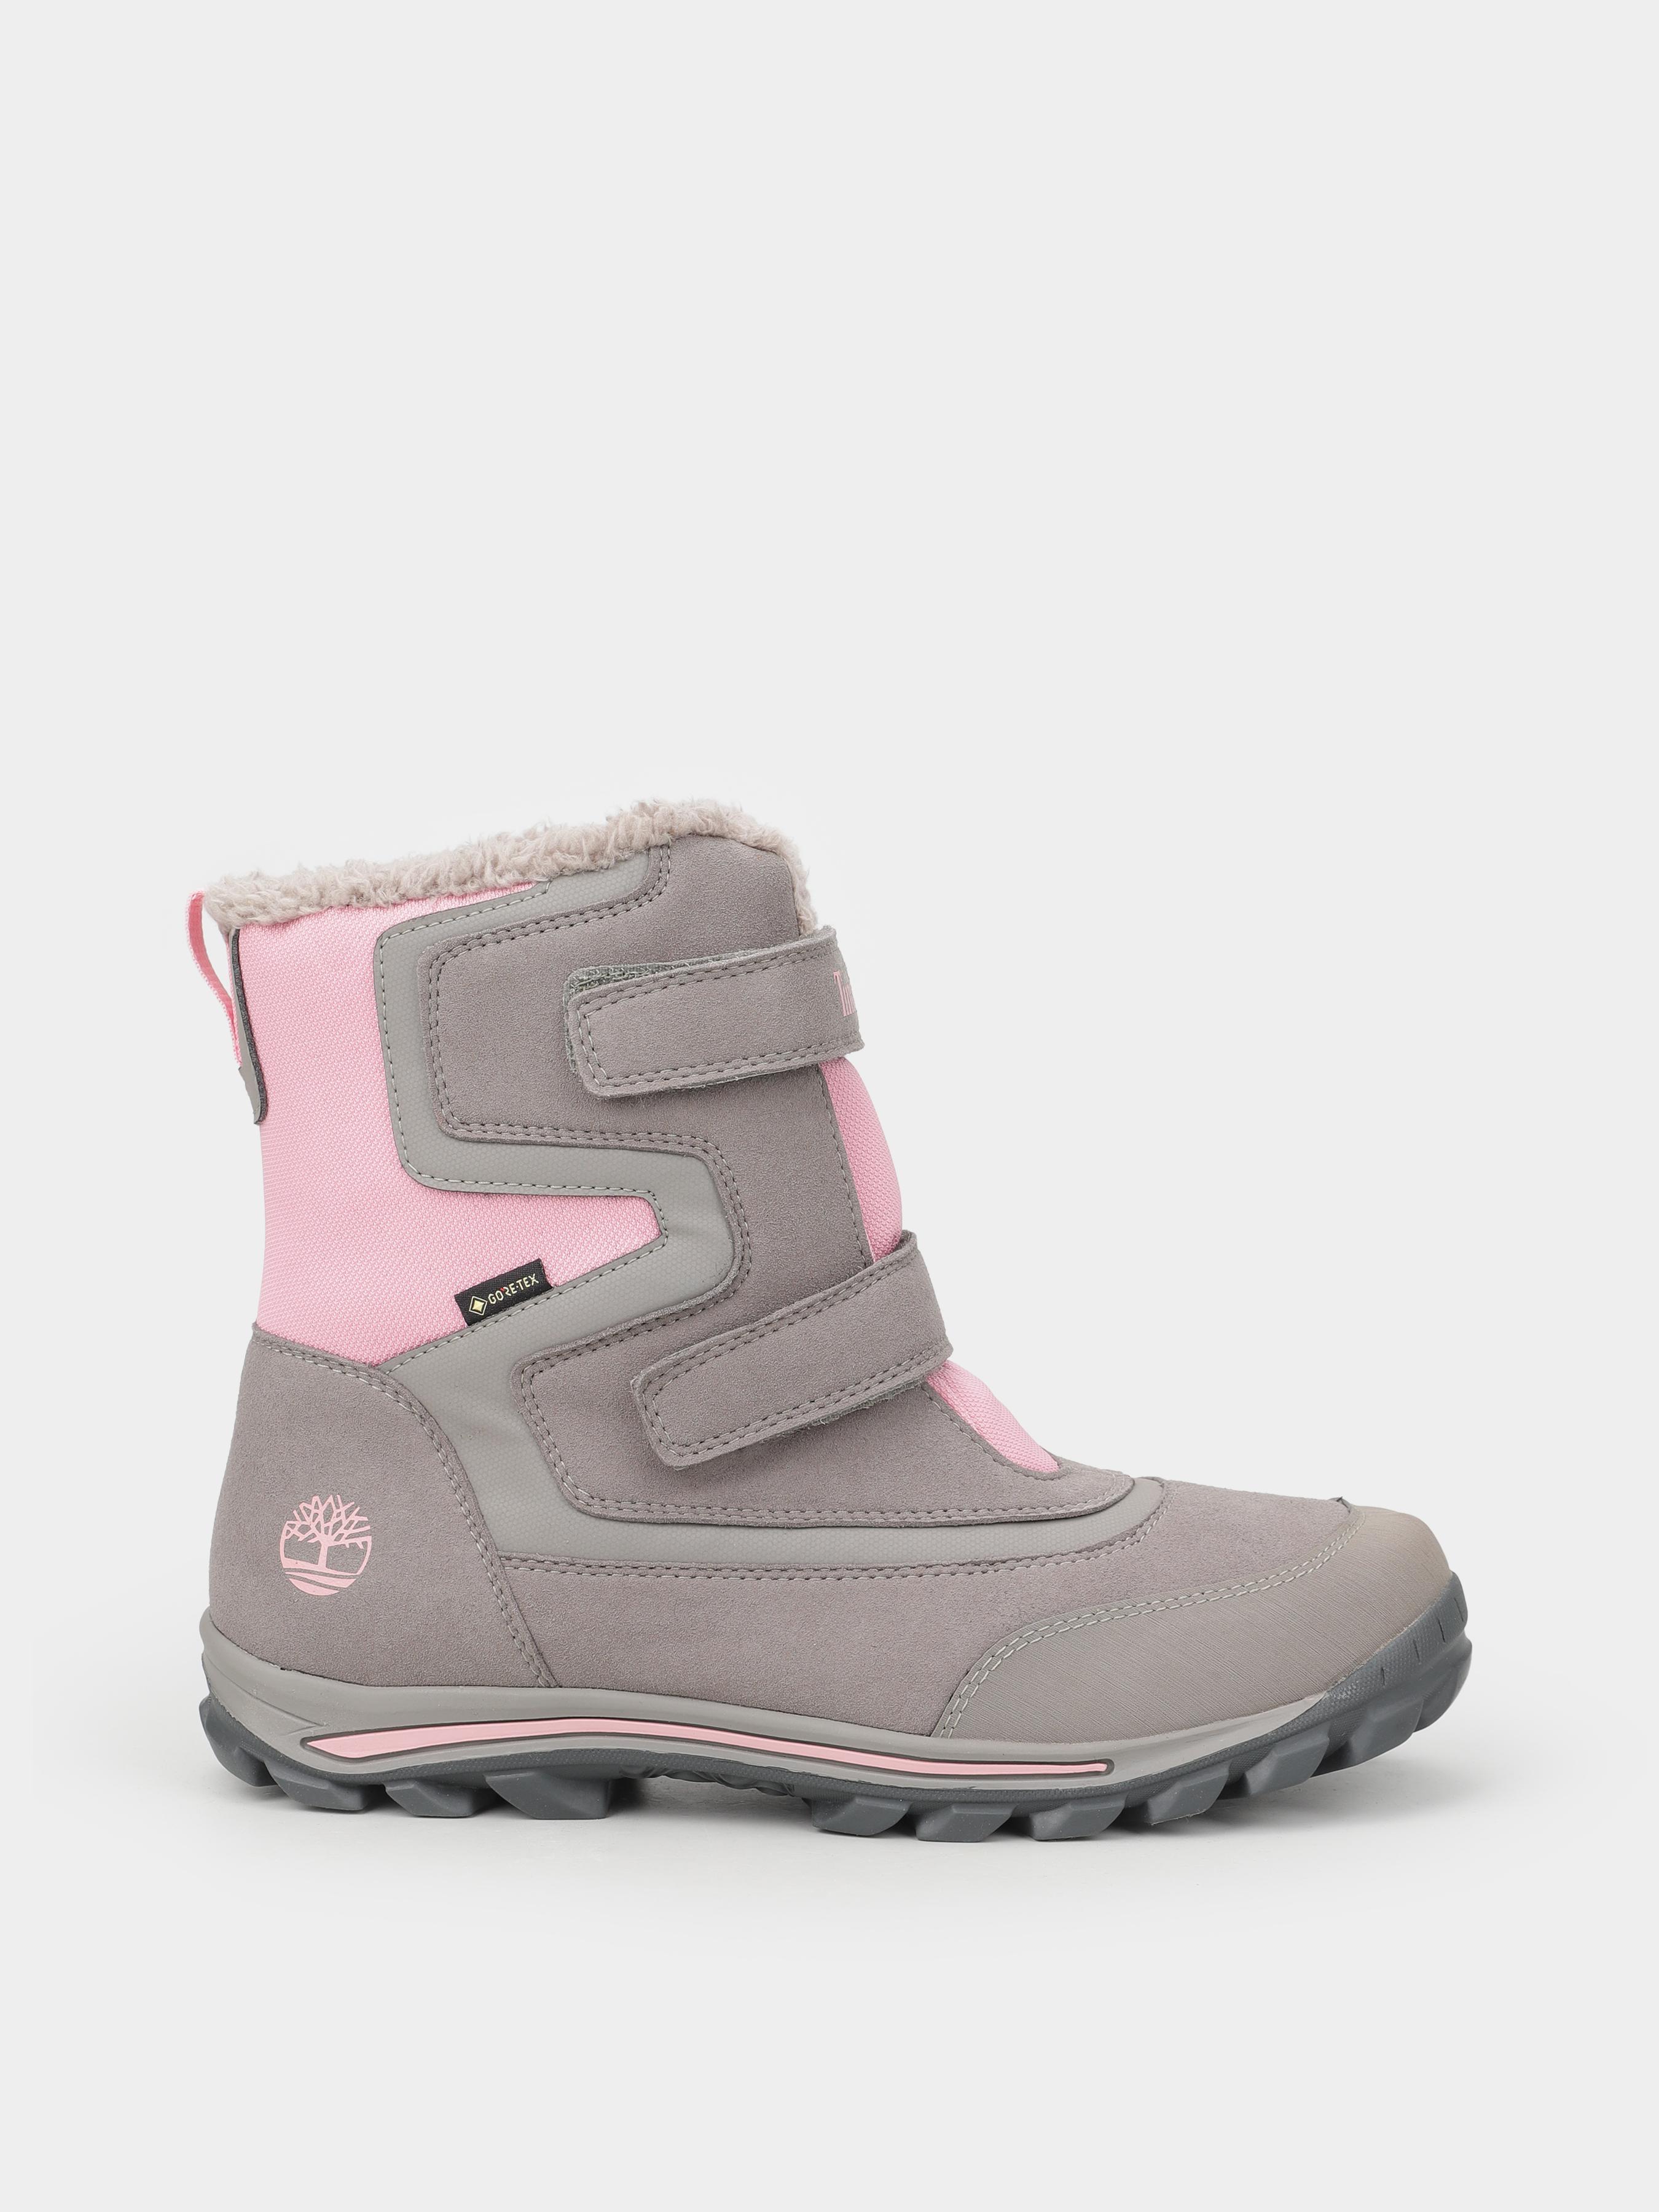 Ботинки для детей Timberland Chillberg TL1872 Заказать, 2017